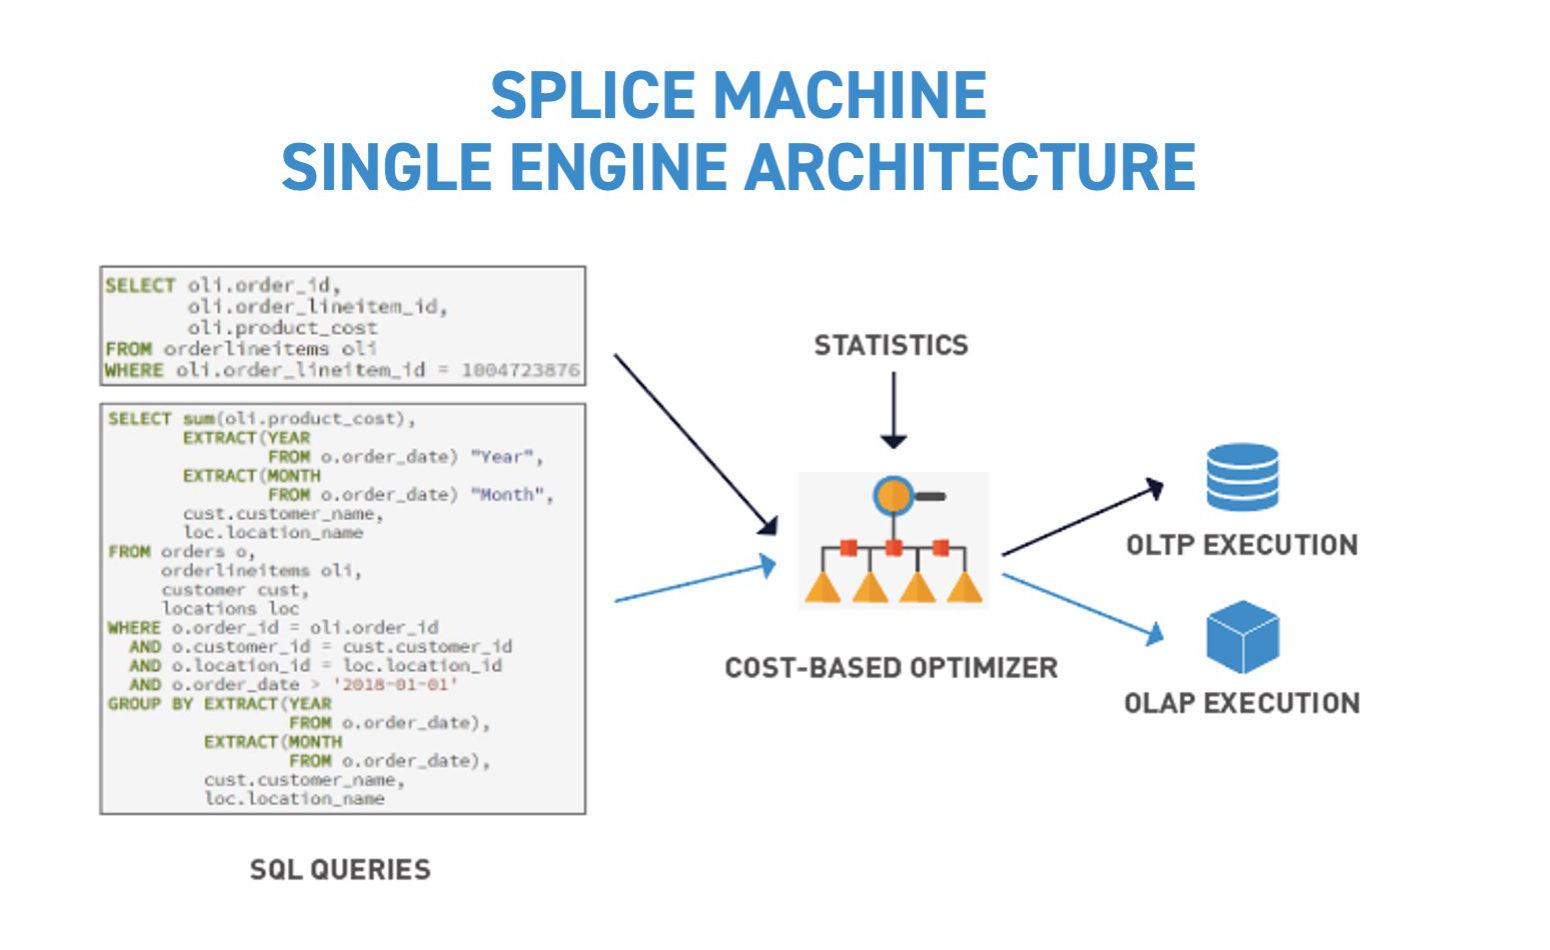 feature-store-single-engine-architecture-splice-machine